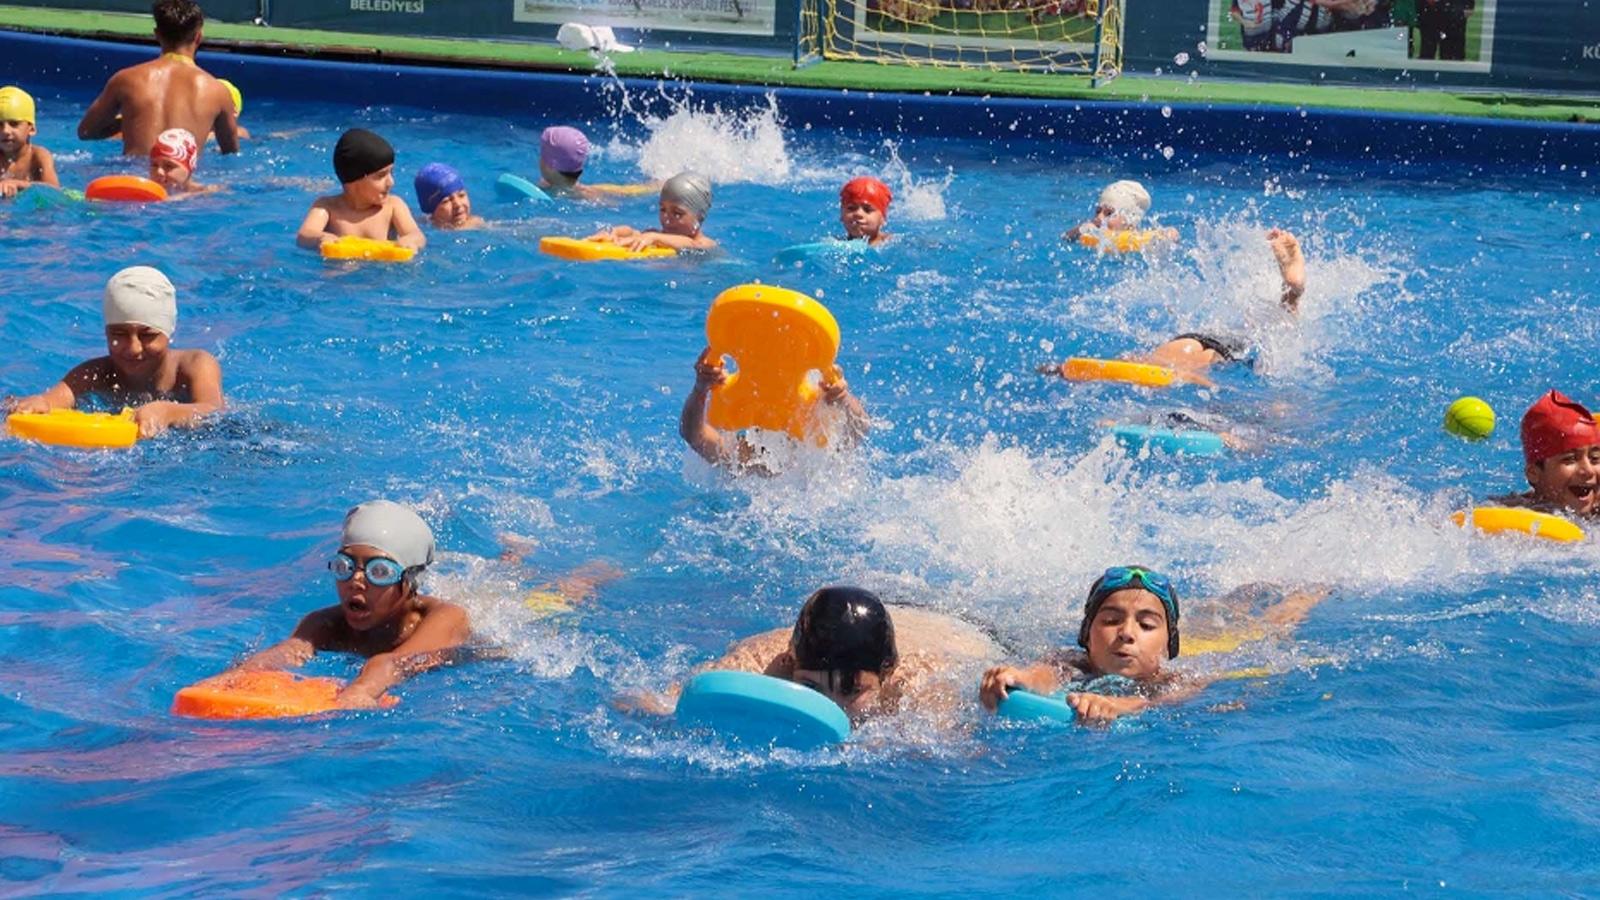 Gerici yazarın hedefinde yine sporcular var: Yüzme seanslarında erkek ve kız çocuklarını…